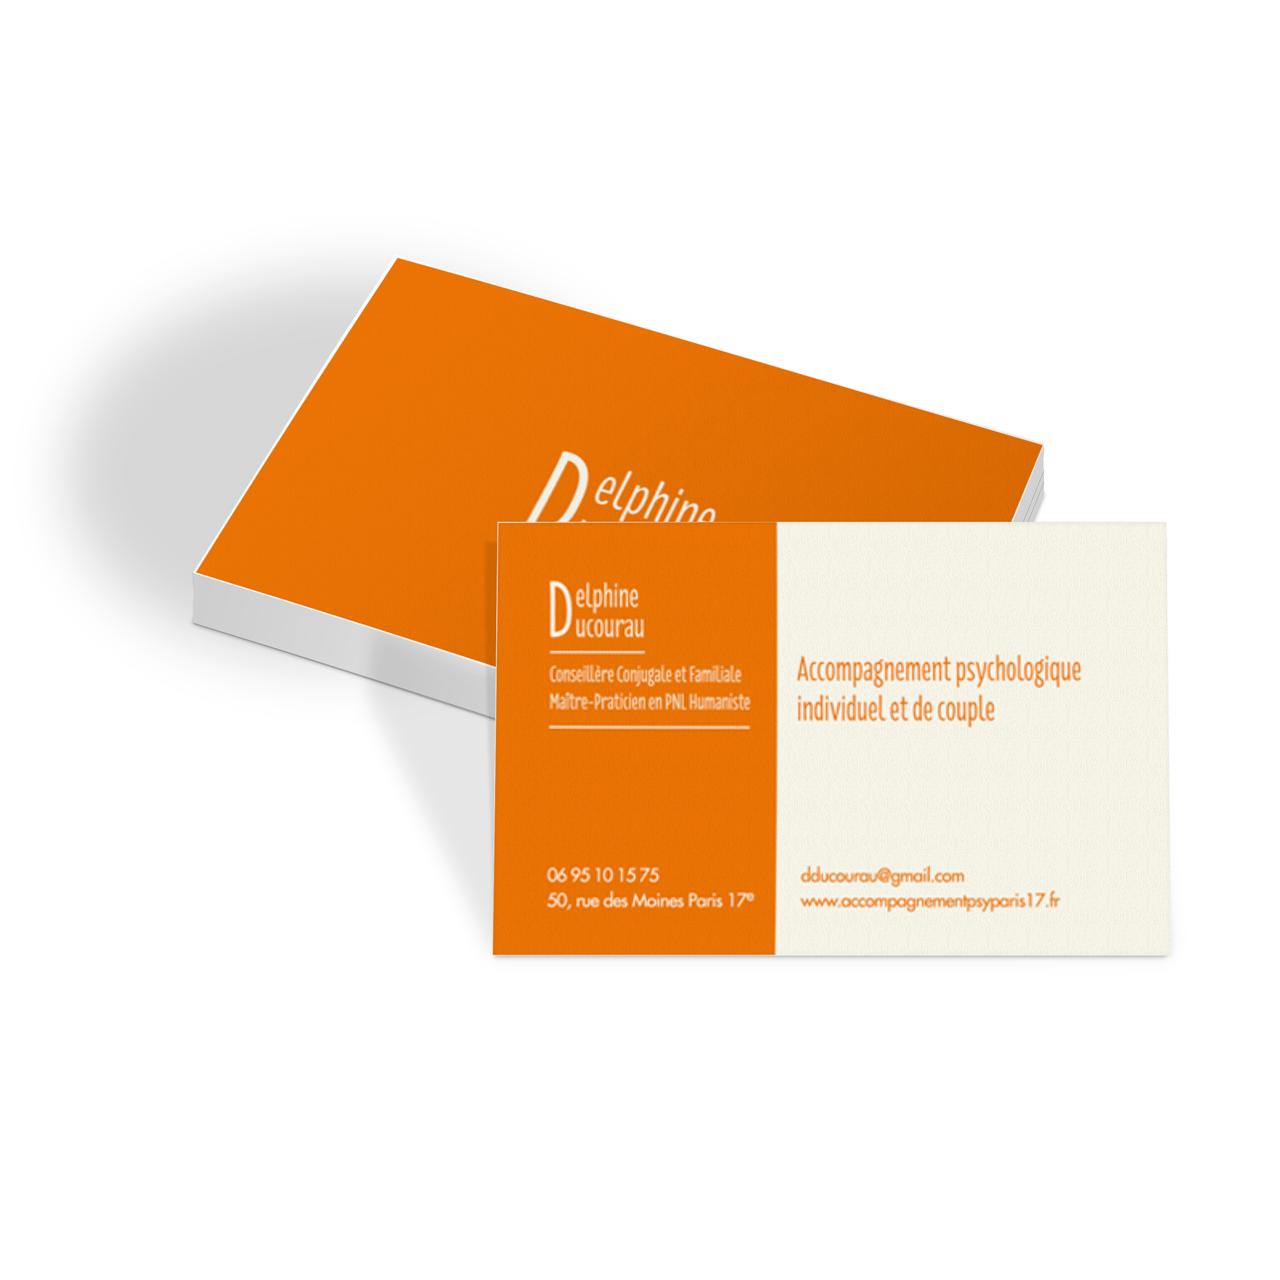 Cartes de visite Delphine Ducourau